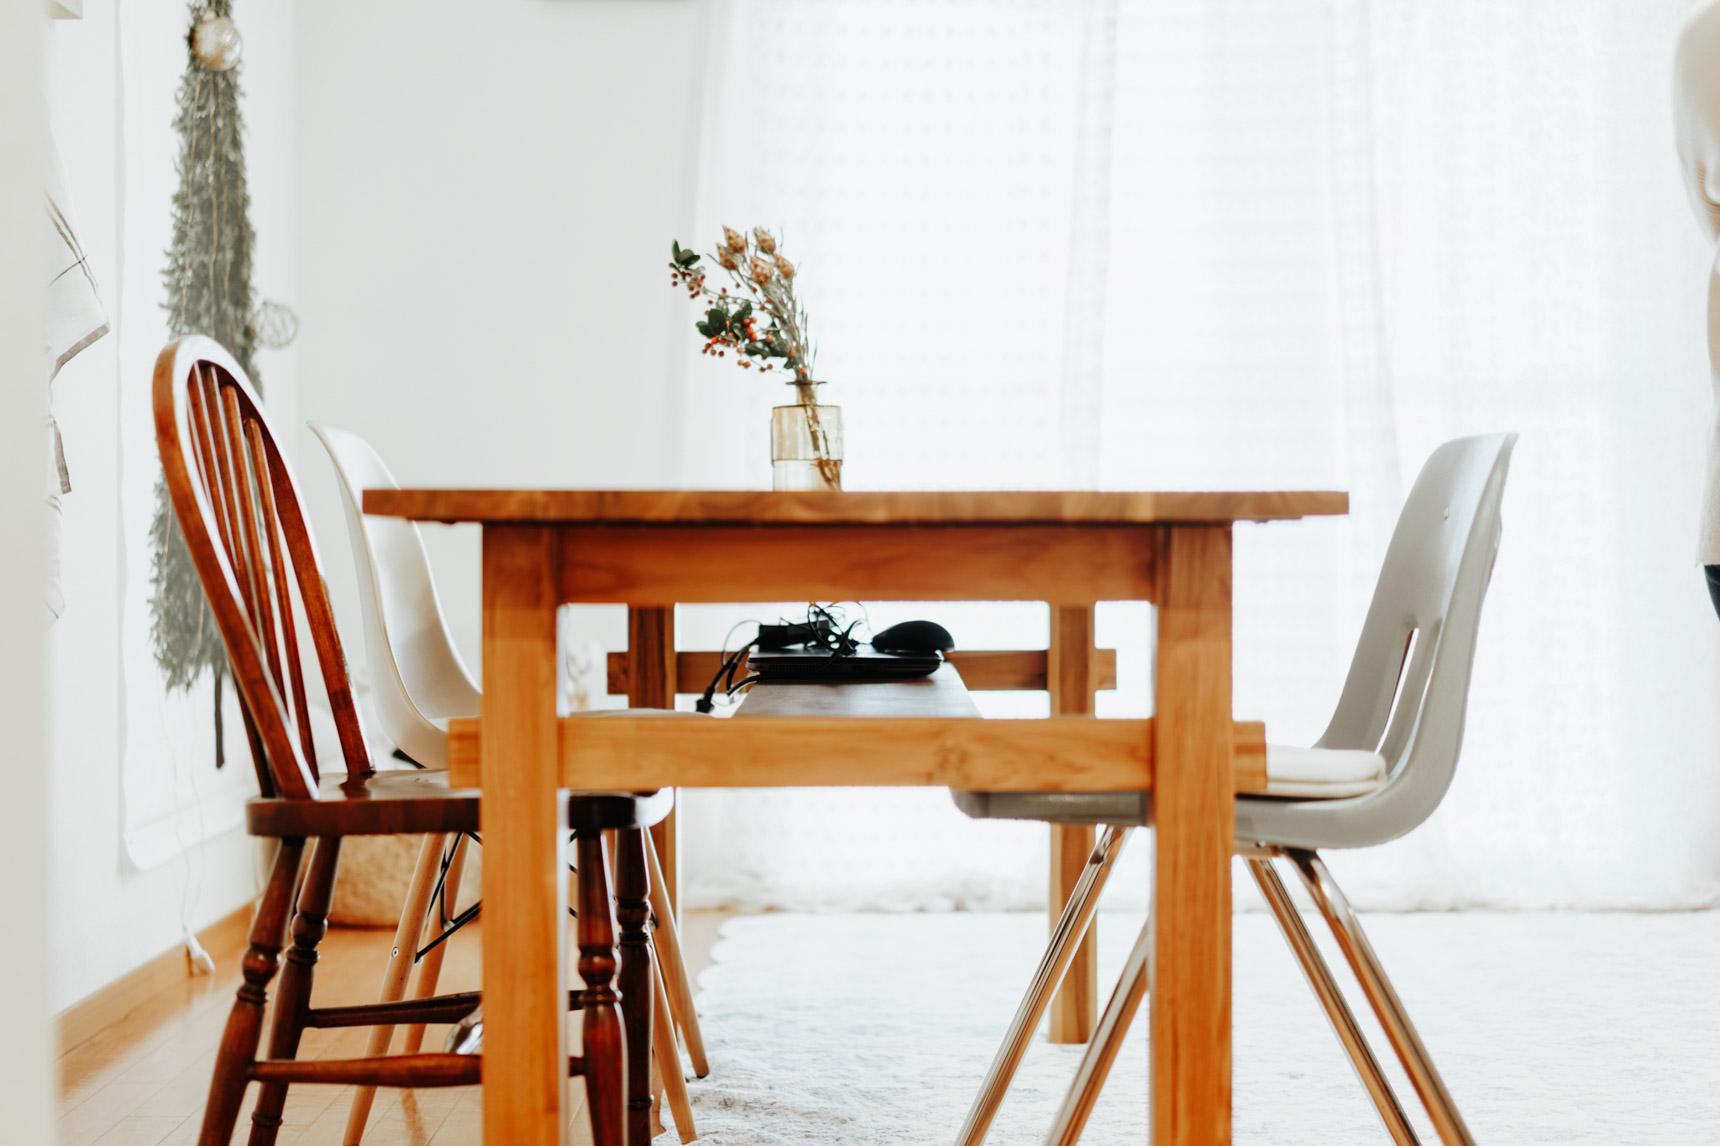 リビングには、木のぬくもりが感じられる家具がたくさん。ダイニングテーブルはunicoで購入。